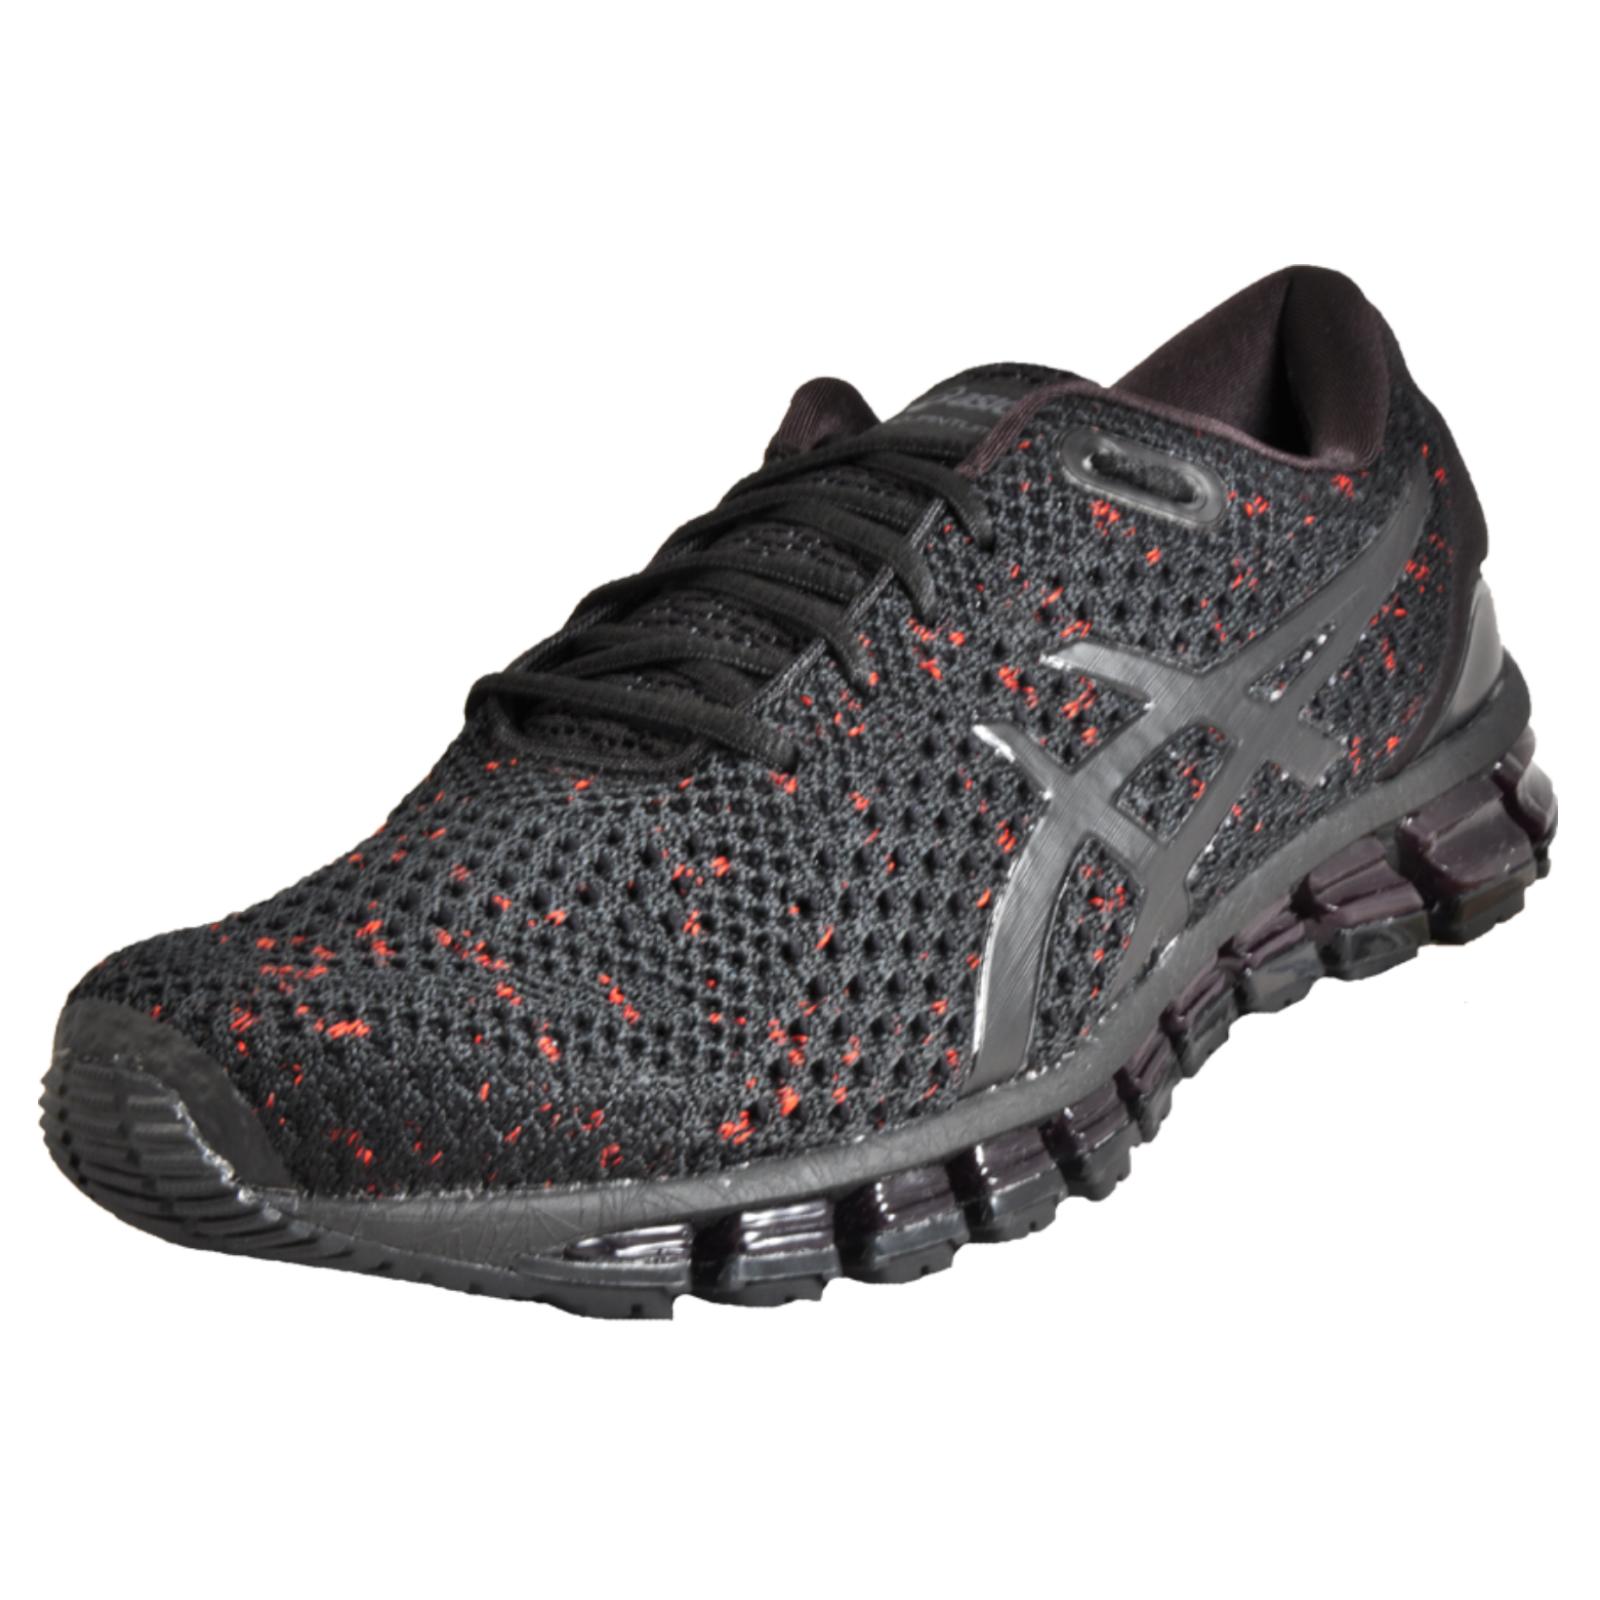 f707a537bb6d Details about Asics Gel Quantum 360 Knit 2 Men s Premium Running Shoes Gym  Trainers Black